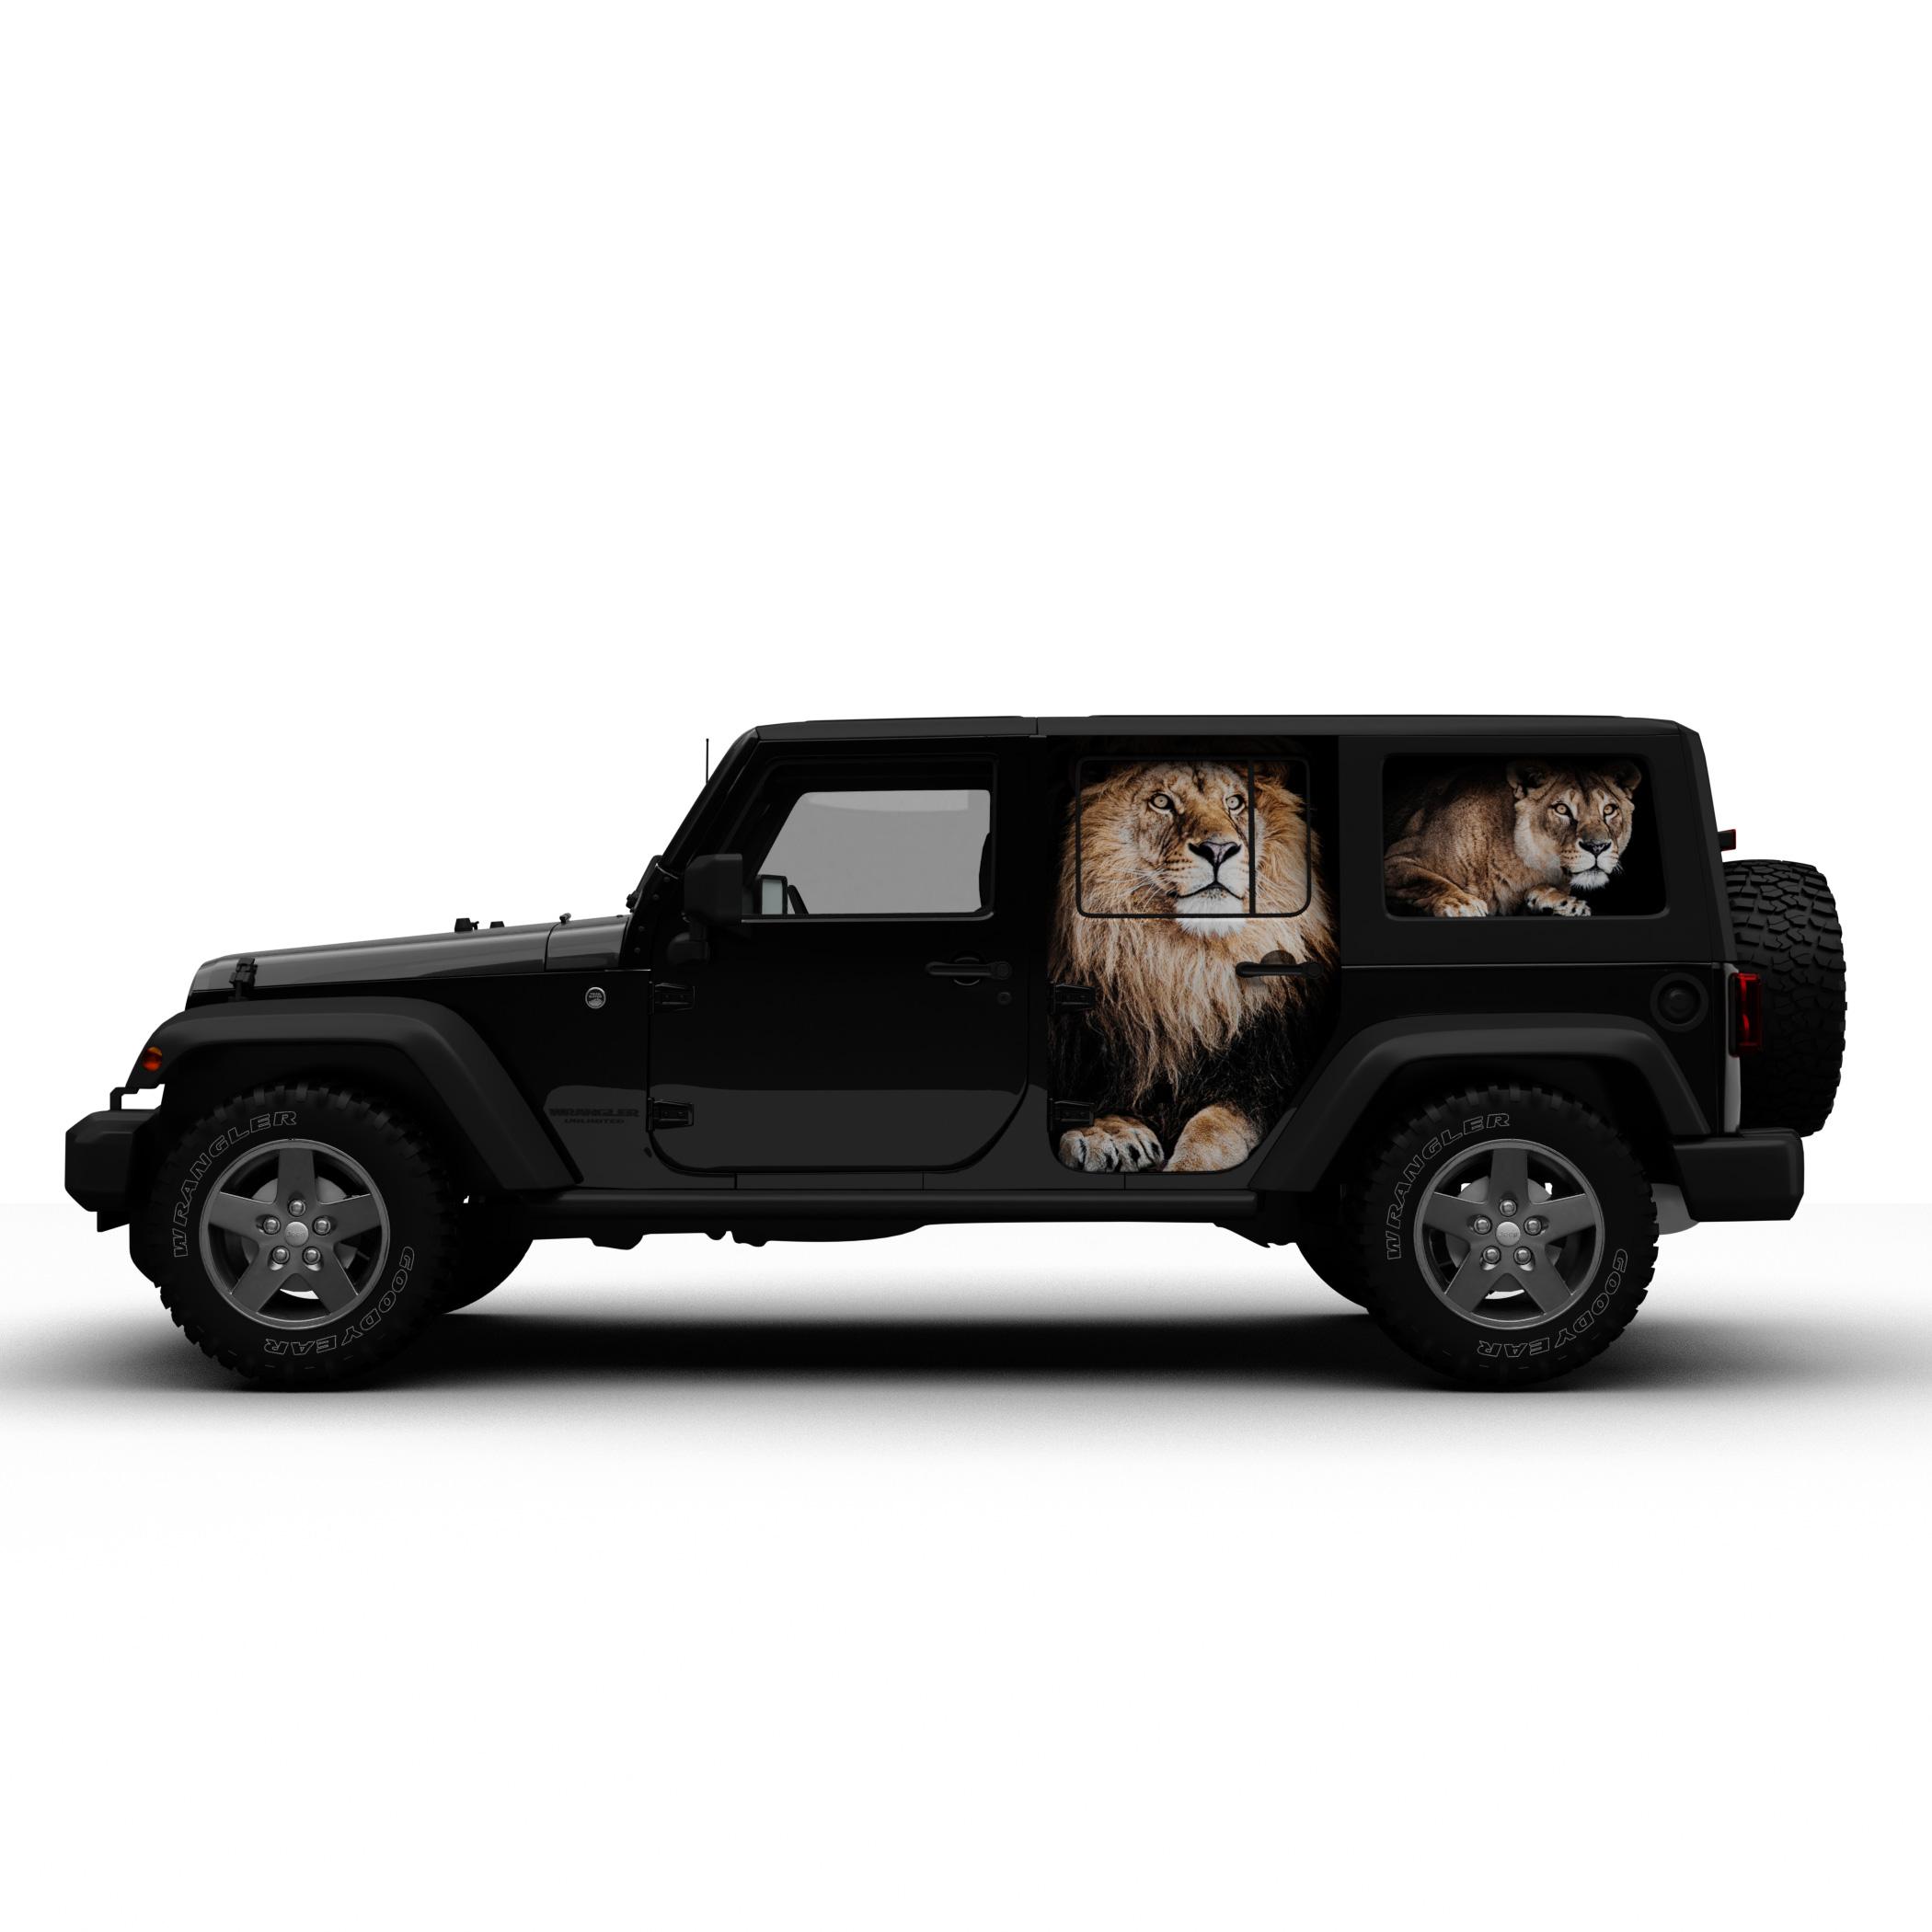 カーラッピング コンセプトデザイン Jeep Wrangler Unlimited Wrapped(Zoo Lion & Florist Rose)